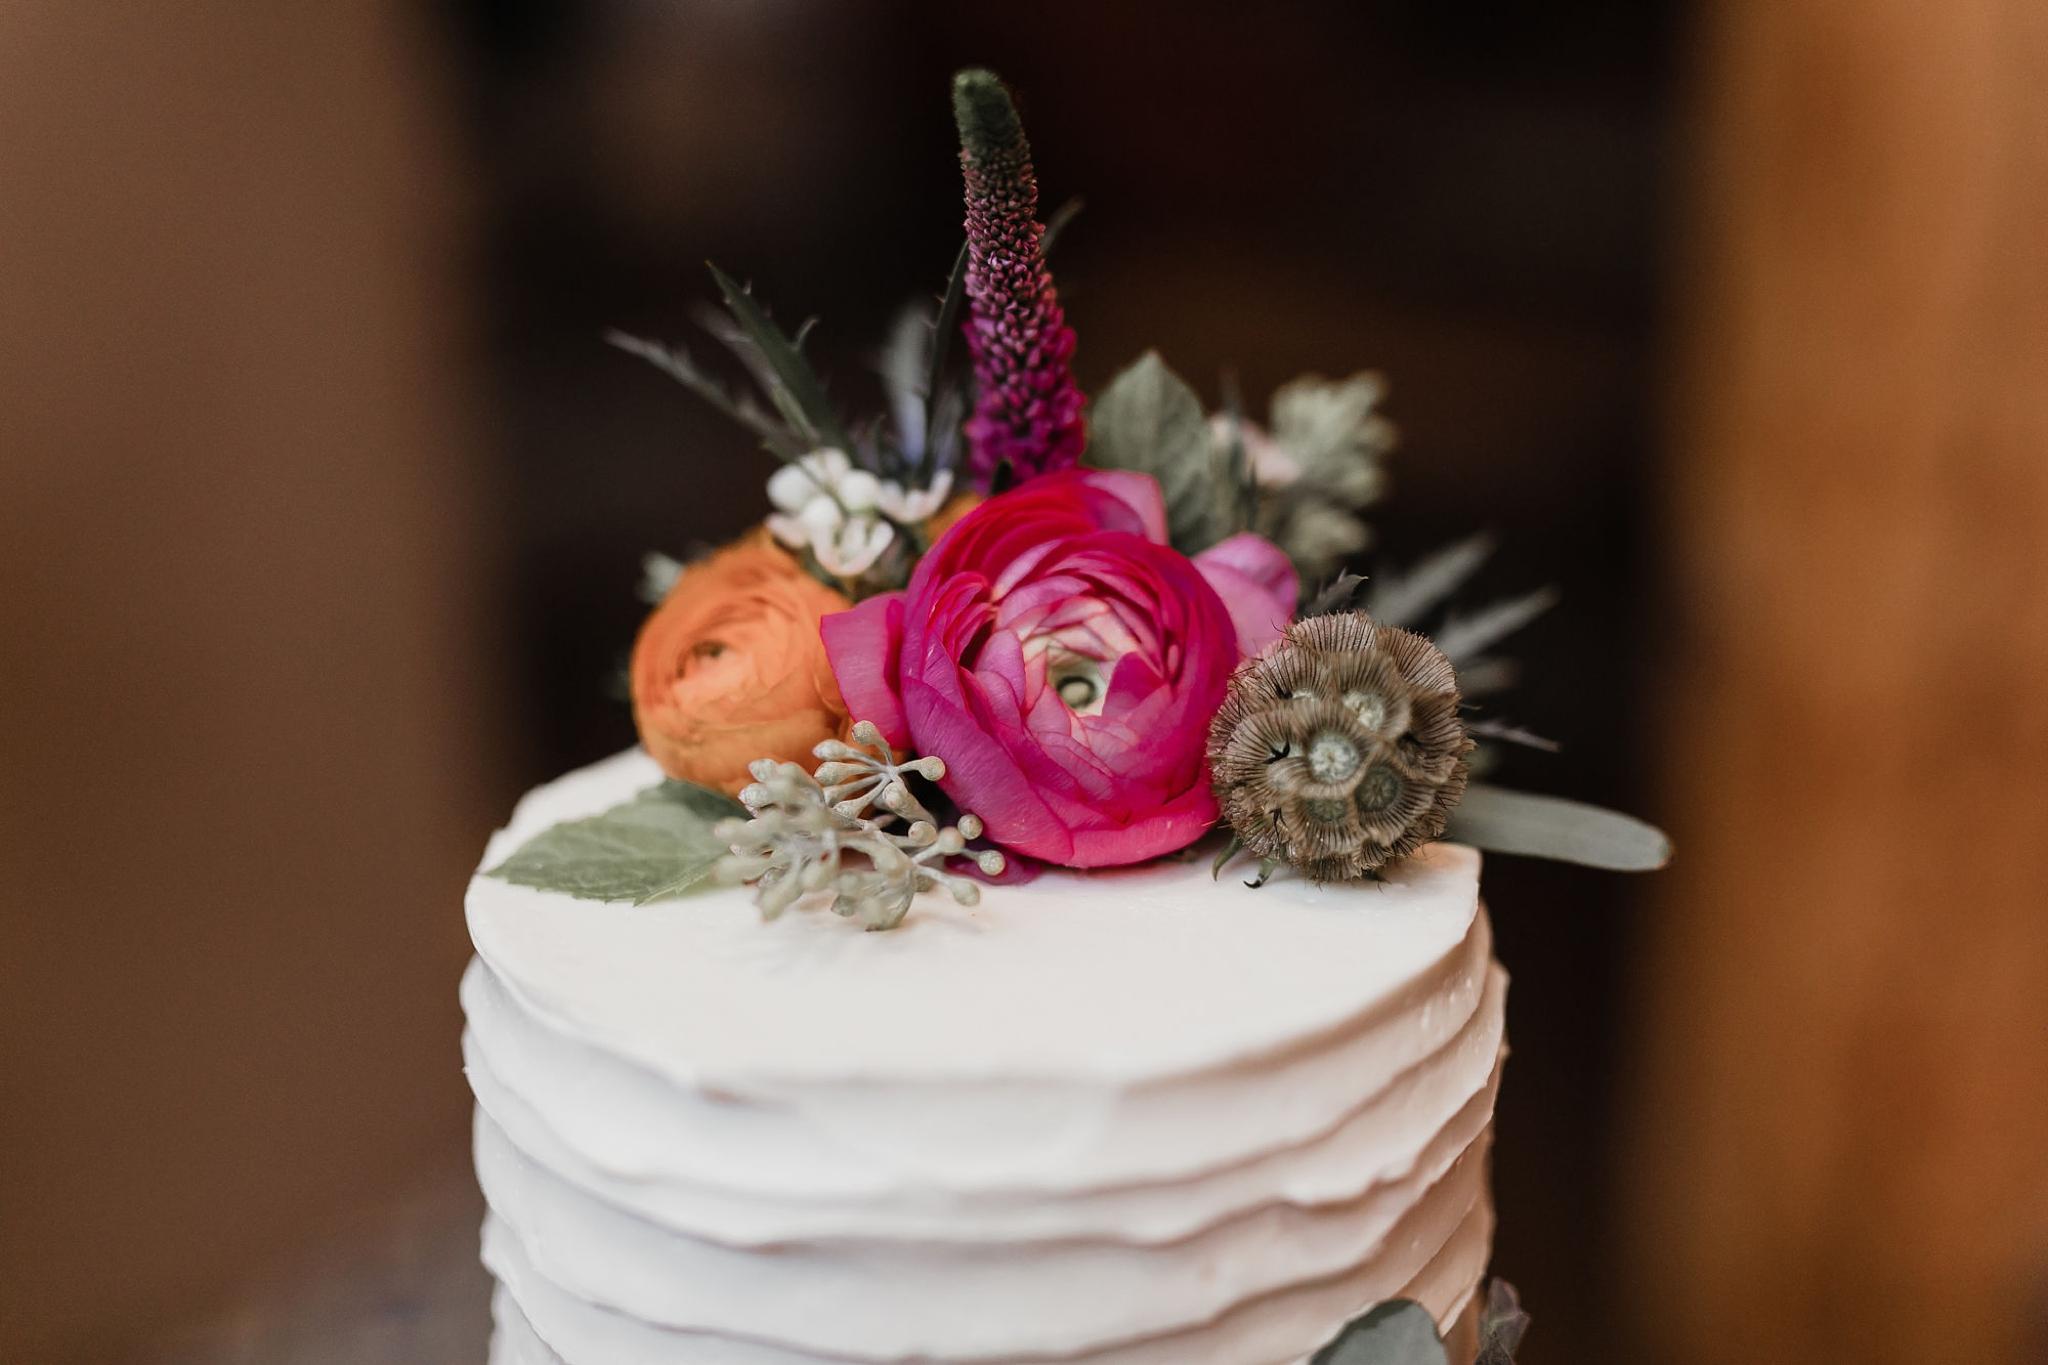 Alicia+lucia+photography+-+albuquerque+wedding+photographer+-+santa+fe+wedding+photography+-+new+mexico+wedding+photographer+-+wedding+reception+-+wedding+cake+-+wedding+sweets+-+maggies+cakes_0011.jpg